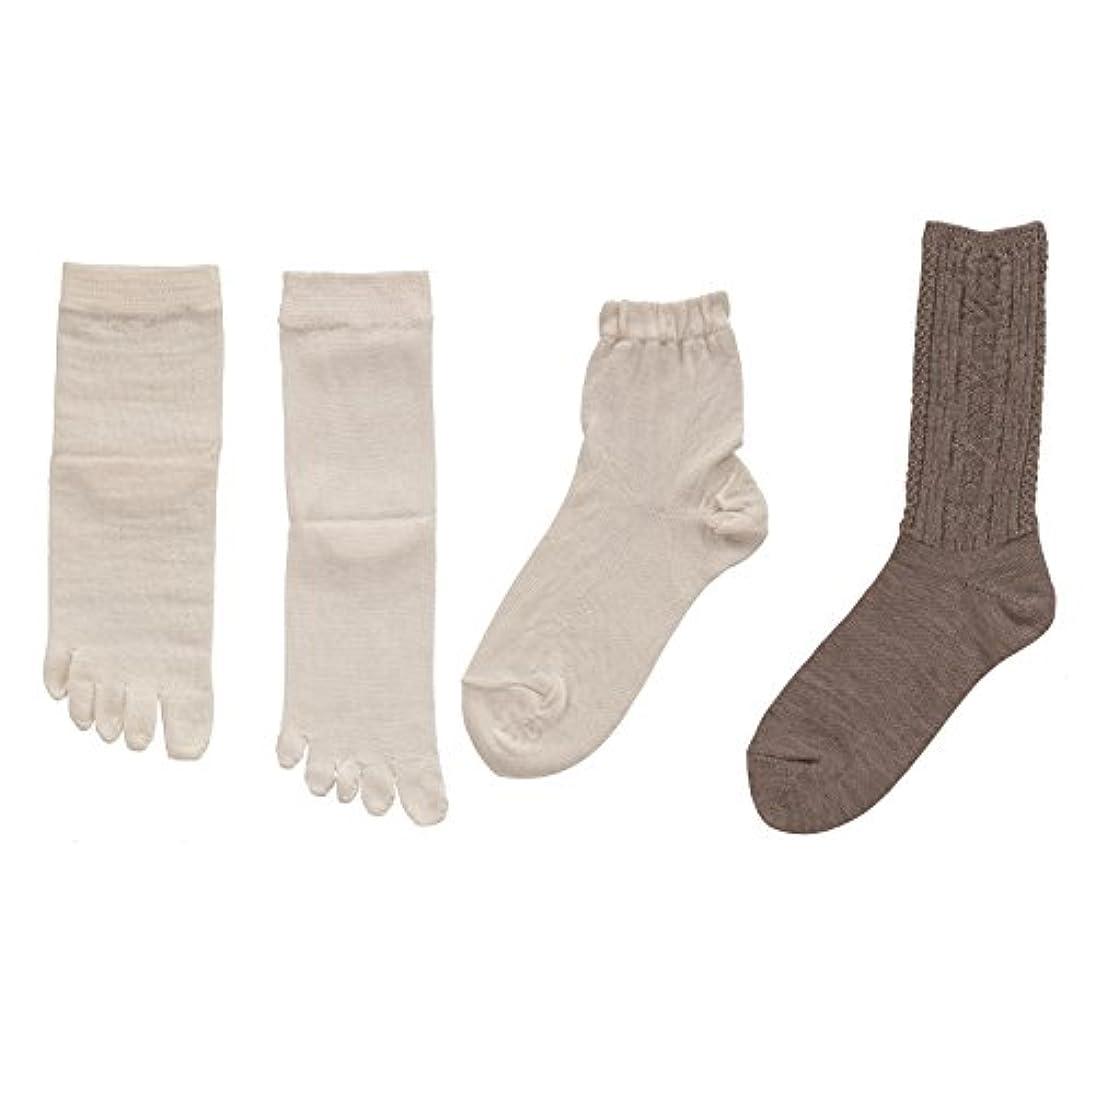 型コックプレゼント砂山靴下 TUMUGI 絹と毛の4枚重ね履き靴下 グレー